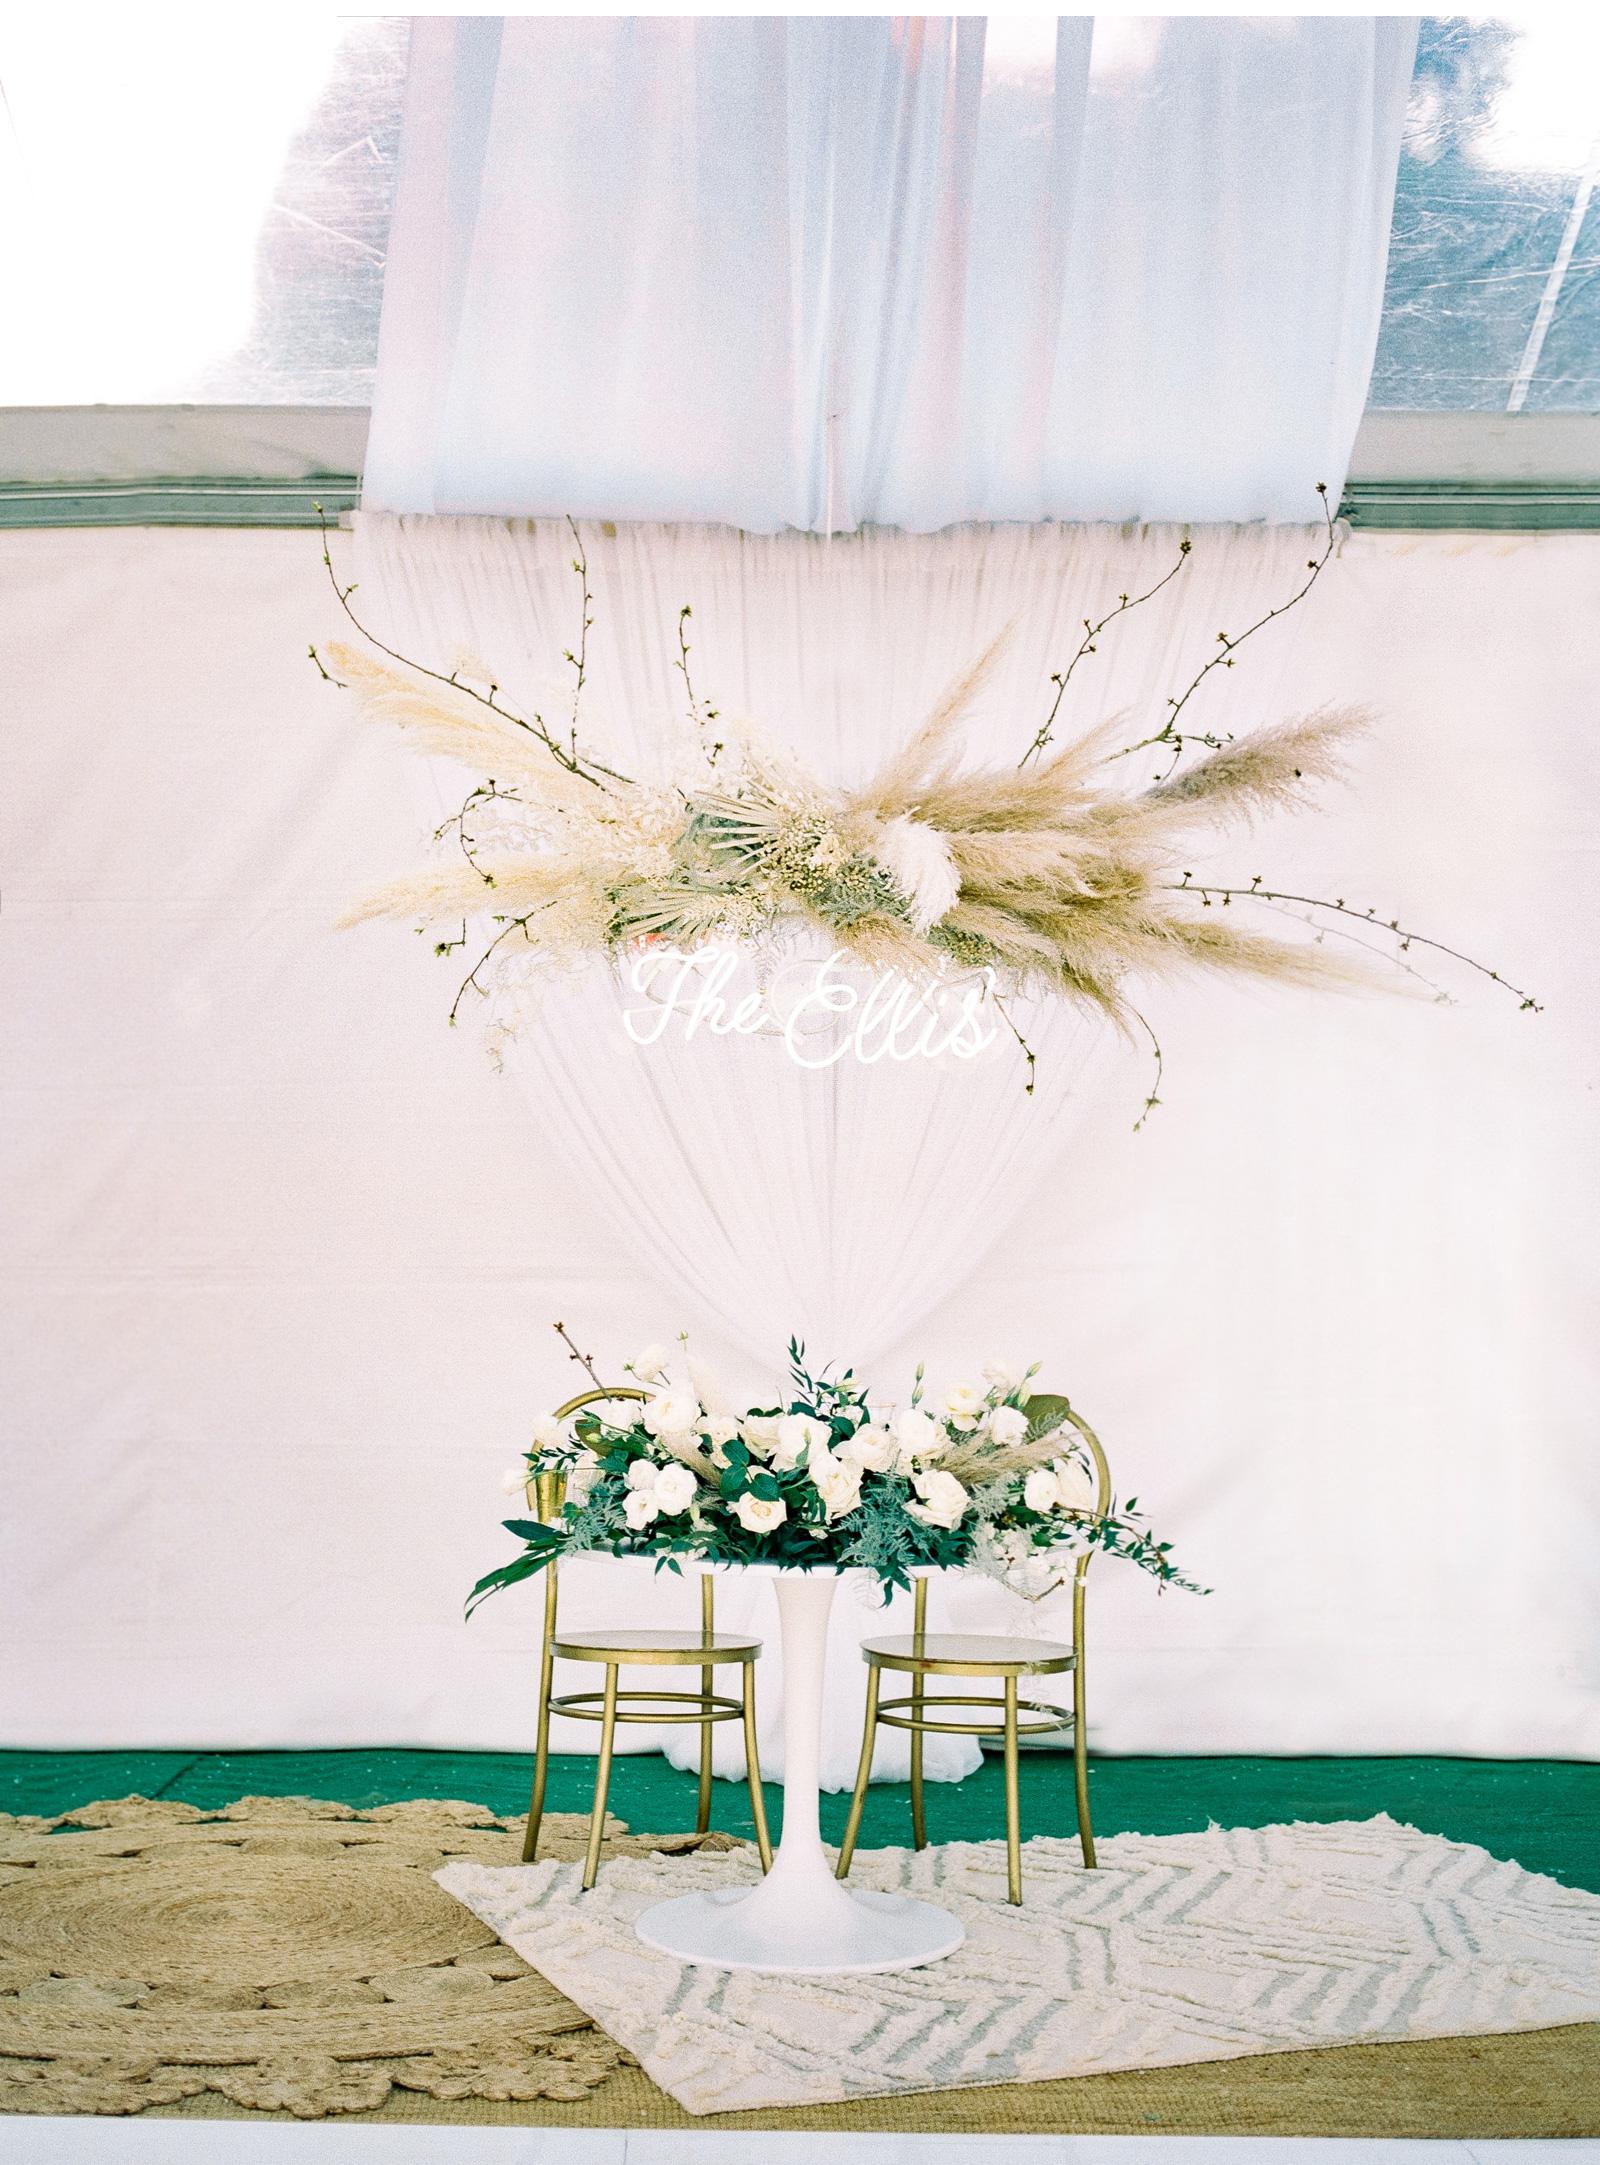 Malibu-Wedding-Photography-West-Coast-Wedding-Venues-Style-Me-Pretty-Malibu-Wedding-Venue_07.jpg